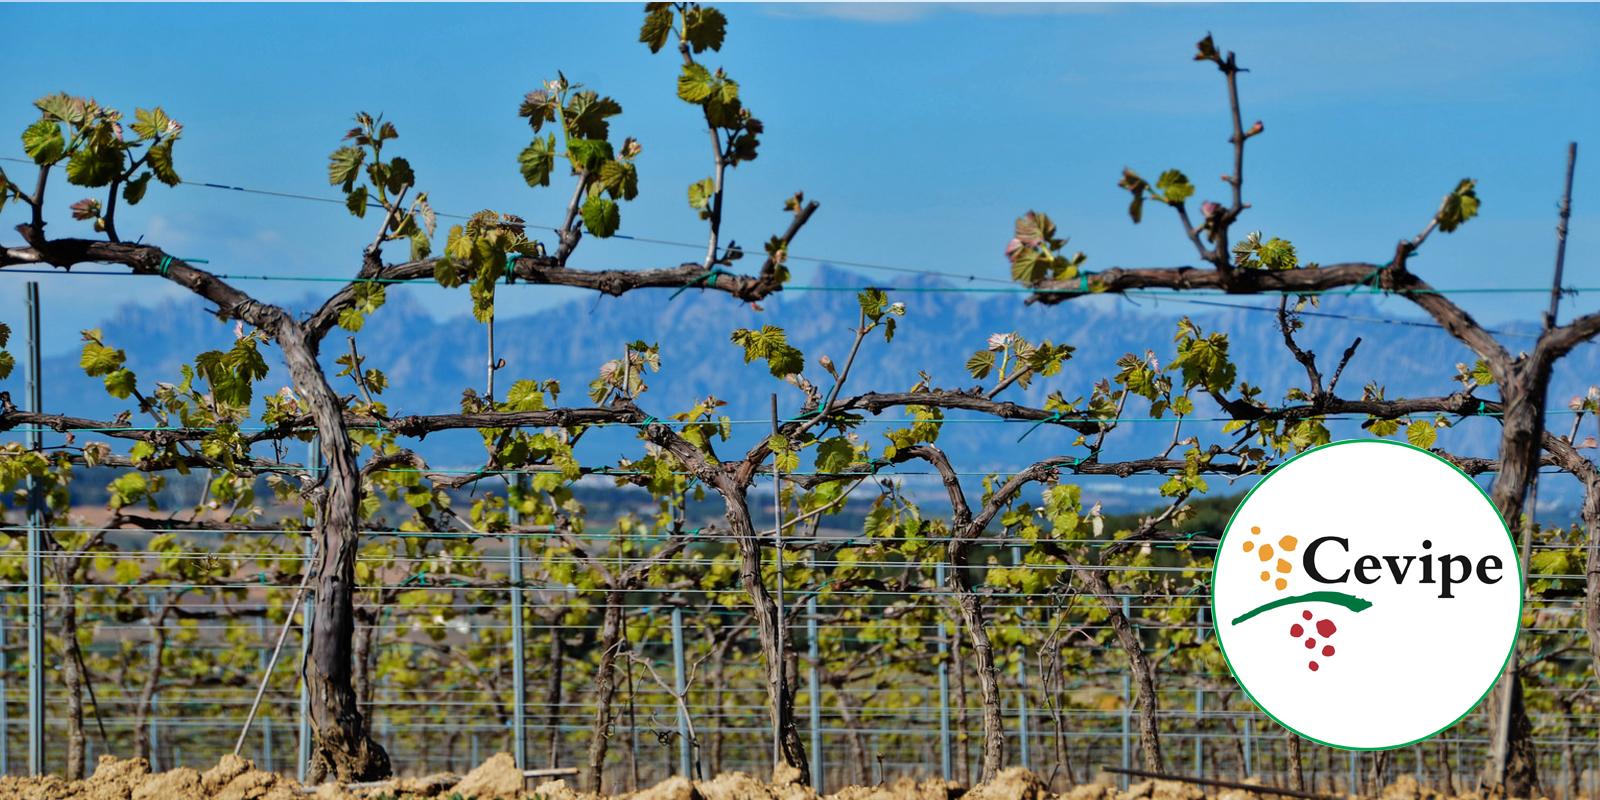 Informació i assessoramentAgro-Cevipe, tot per al viticultor